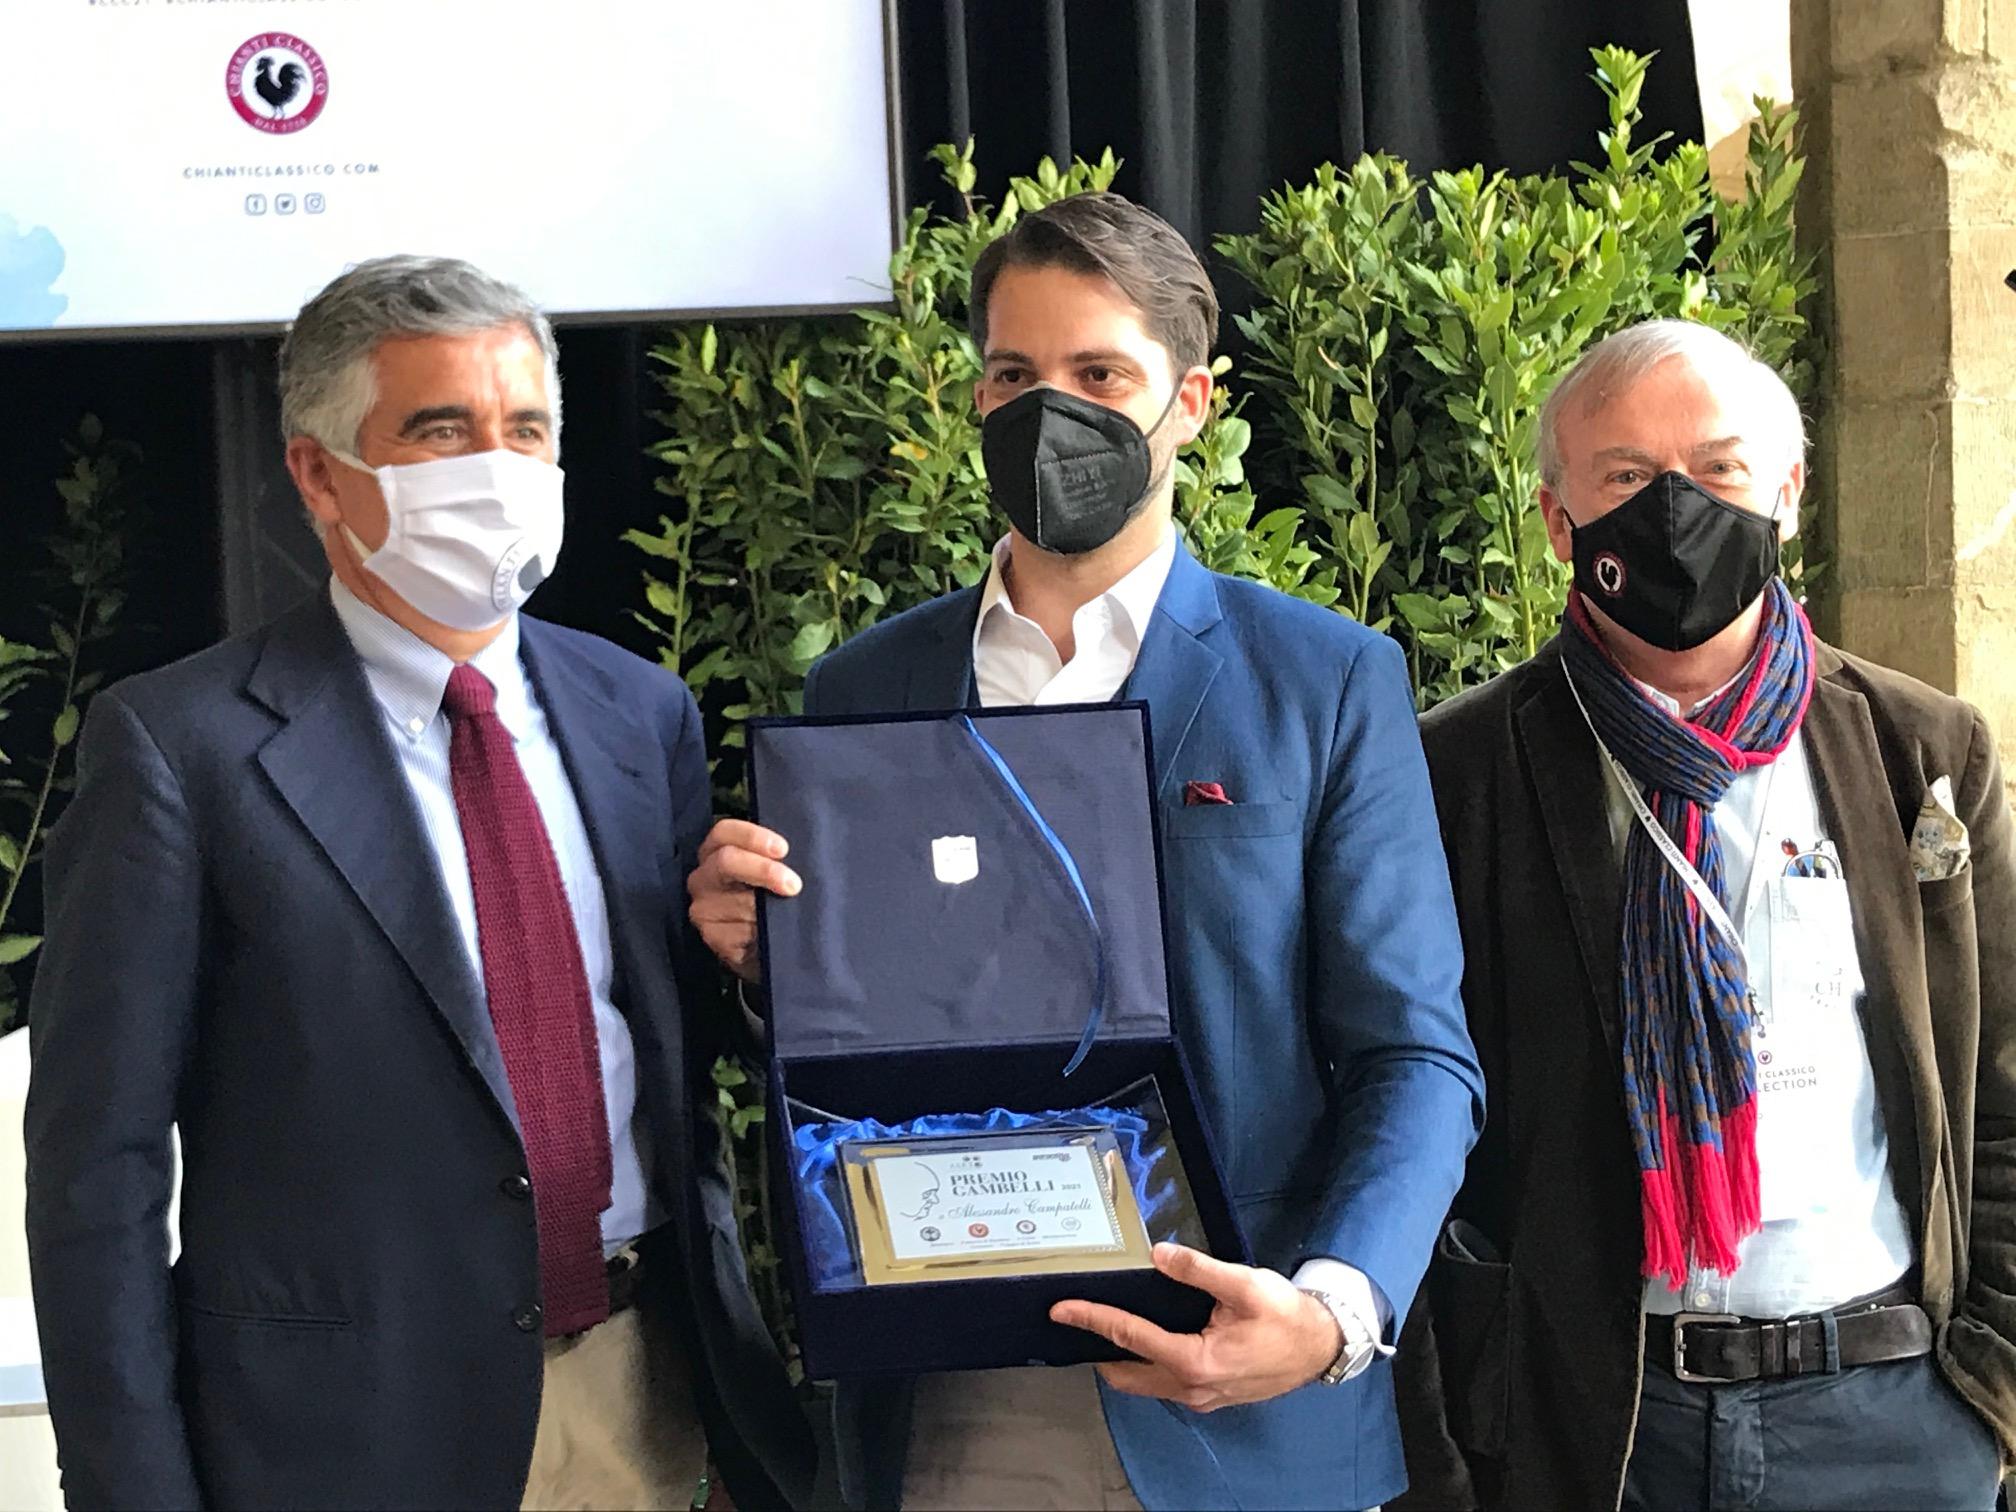 Vino, ad Alessandro Campatelli il 9° Premio Gambelli